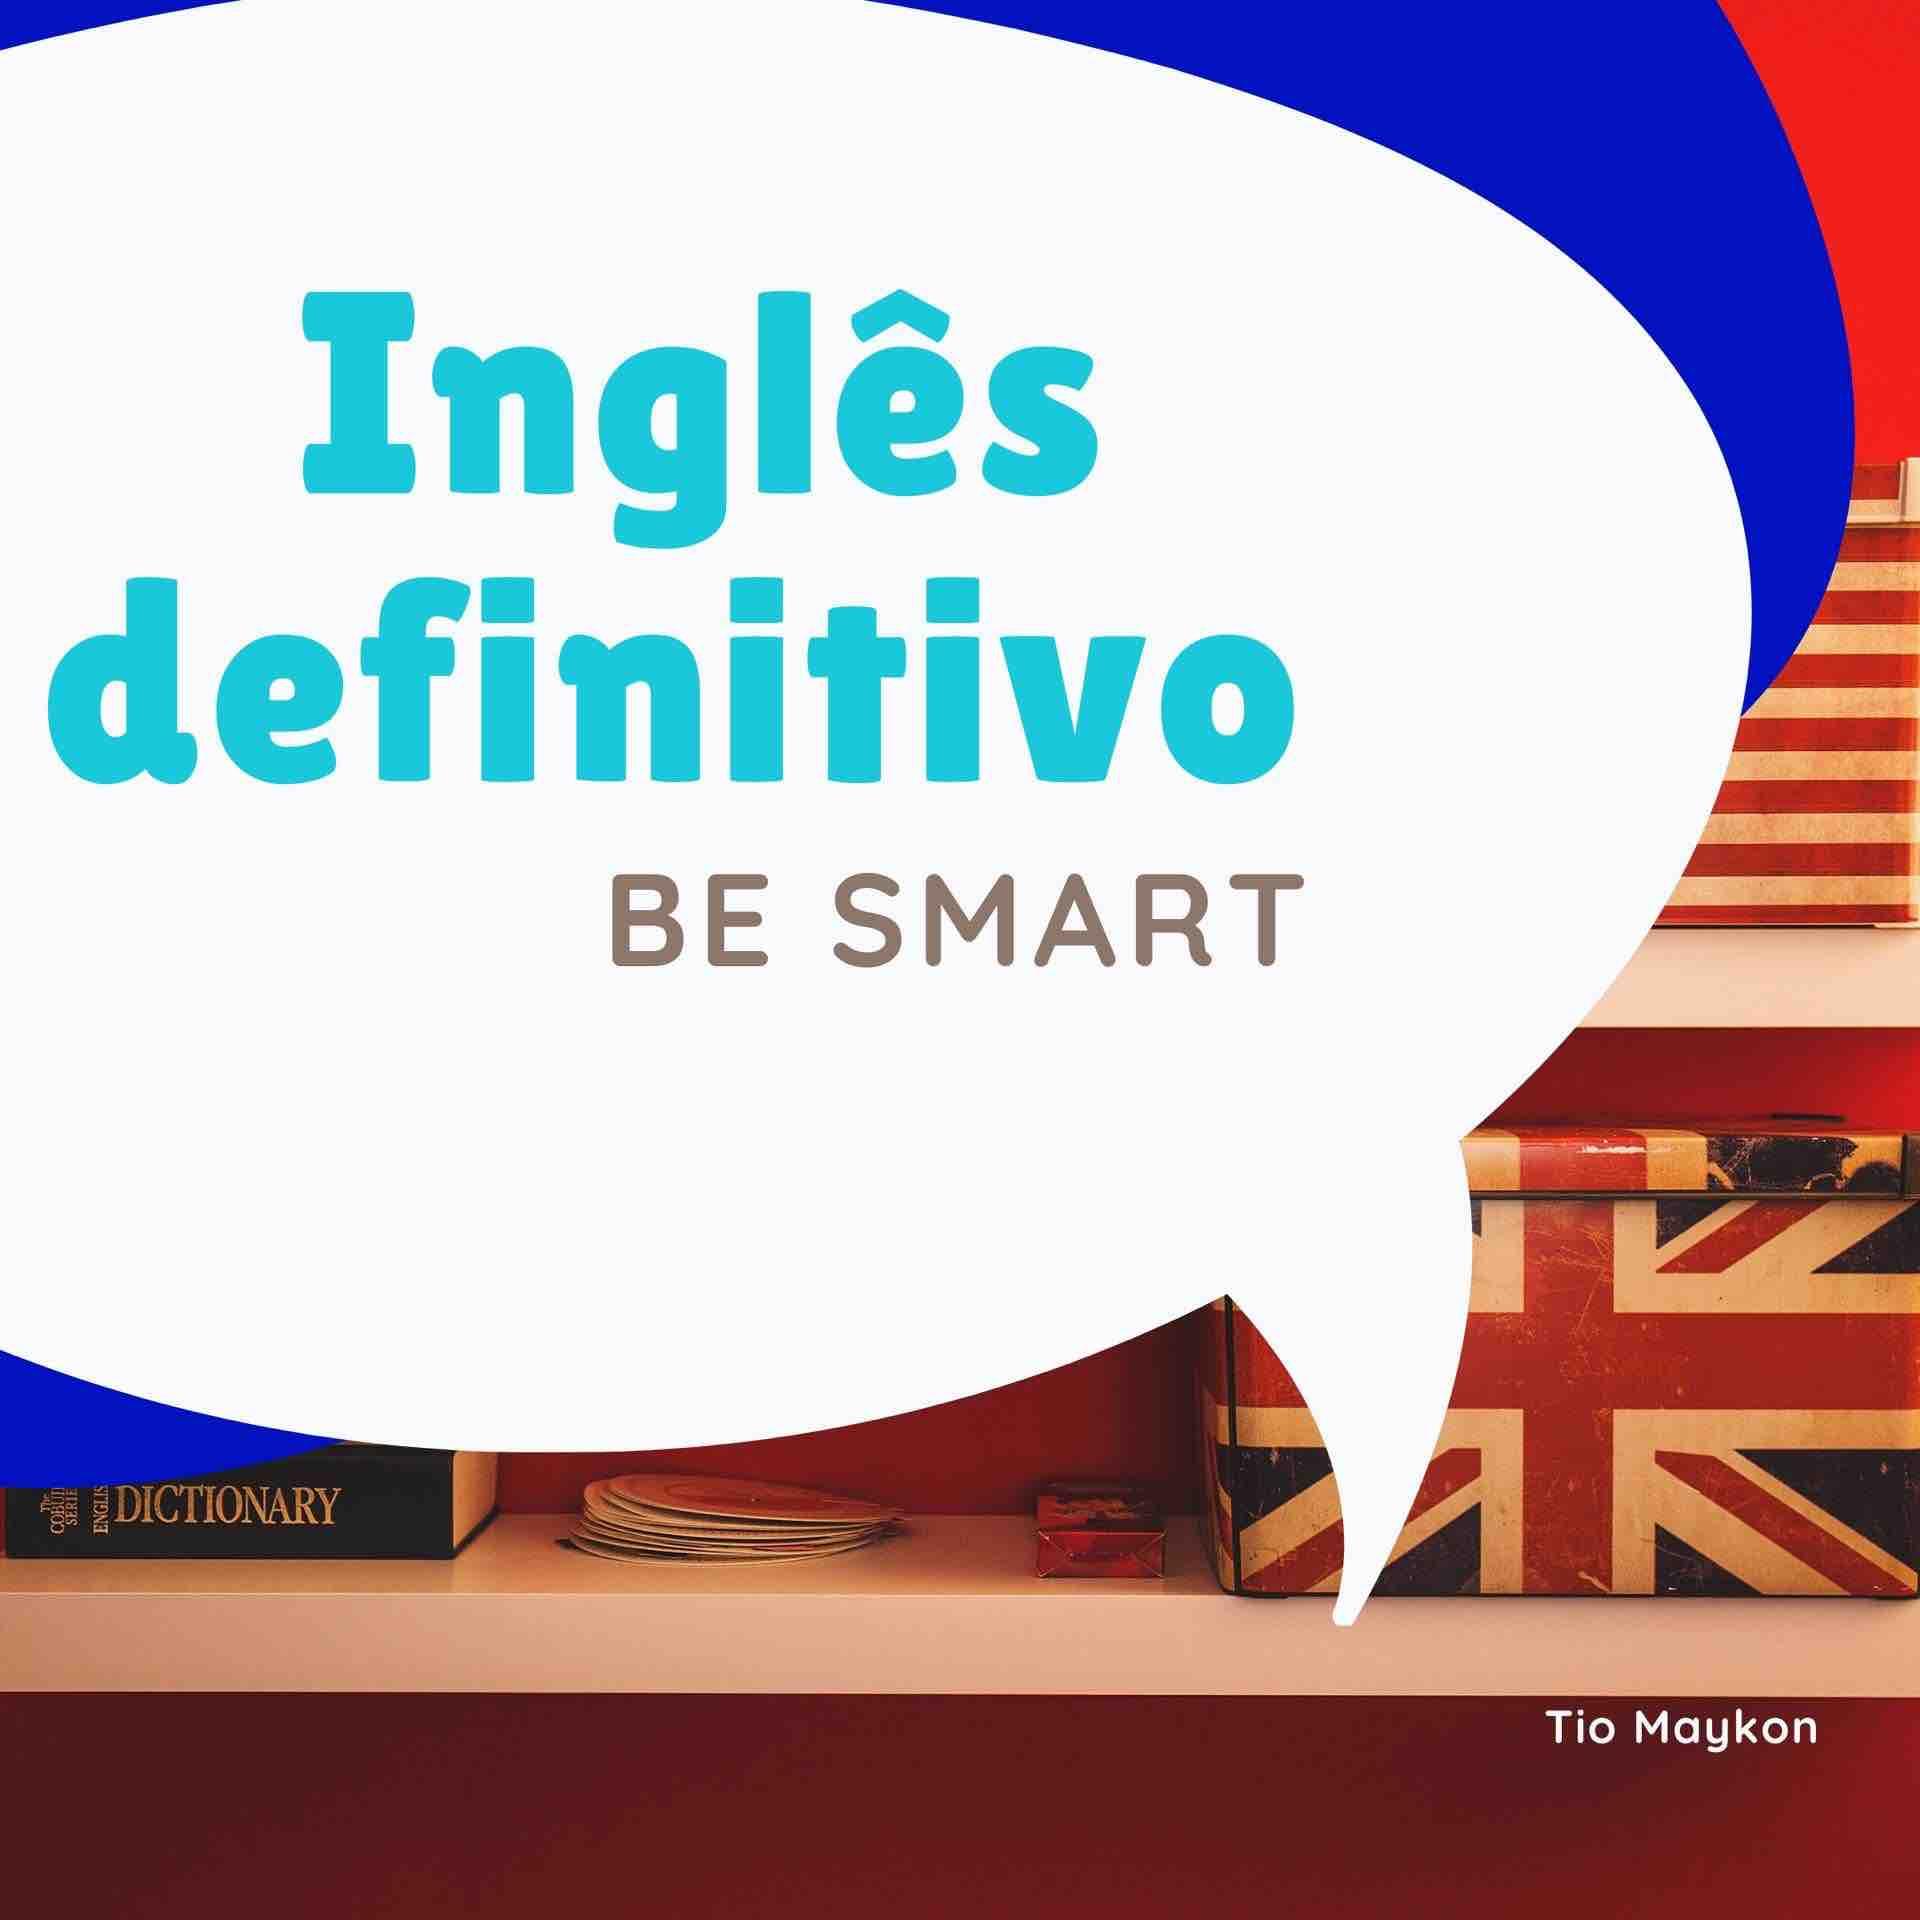 curso inglês definitivo - be smart é bom vale a pena confiável